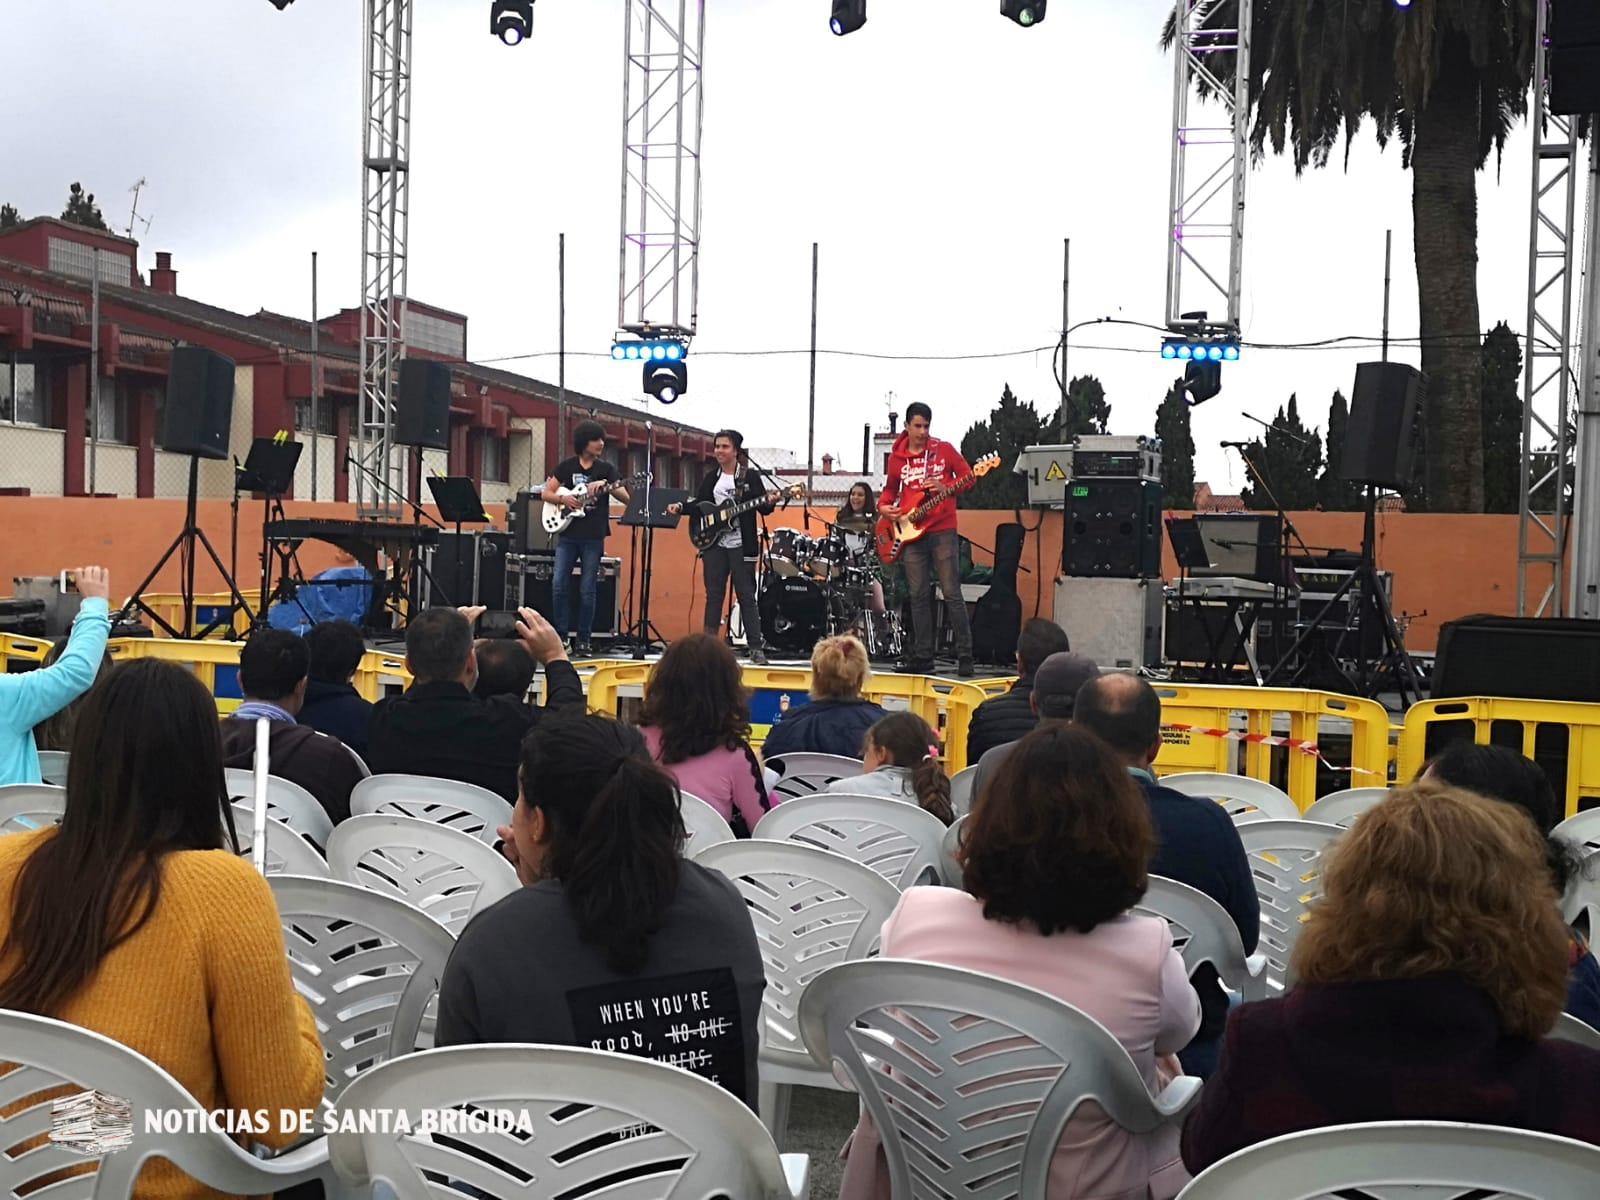 Actuación aula música moderna de la Escuela Municipal de Música de SB – 10 junio 2019